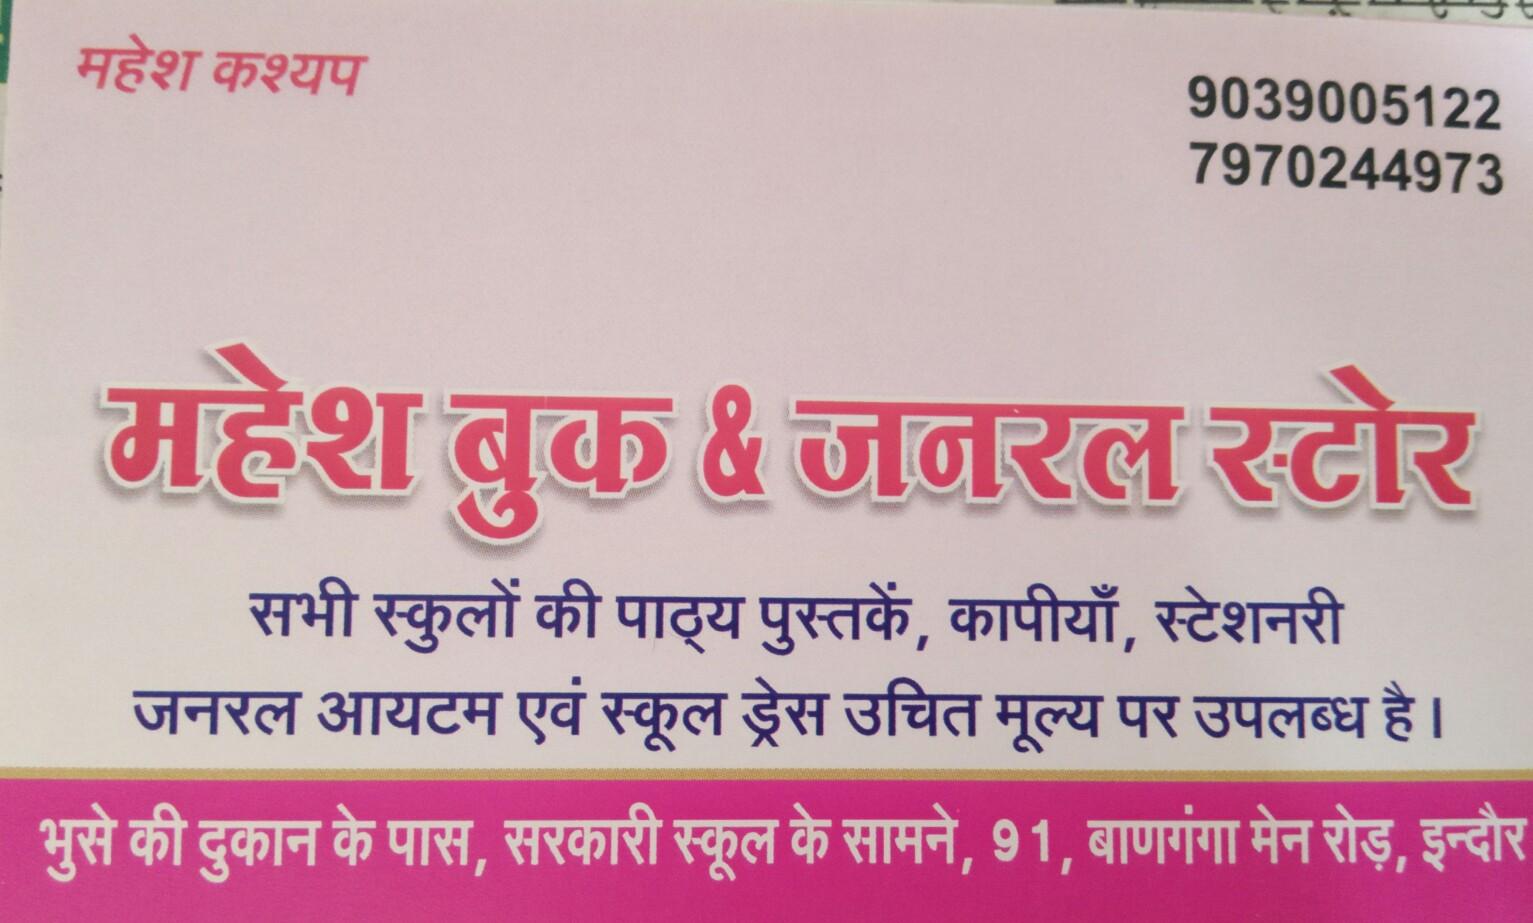 Mahesh book & general store